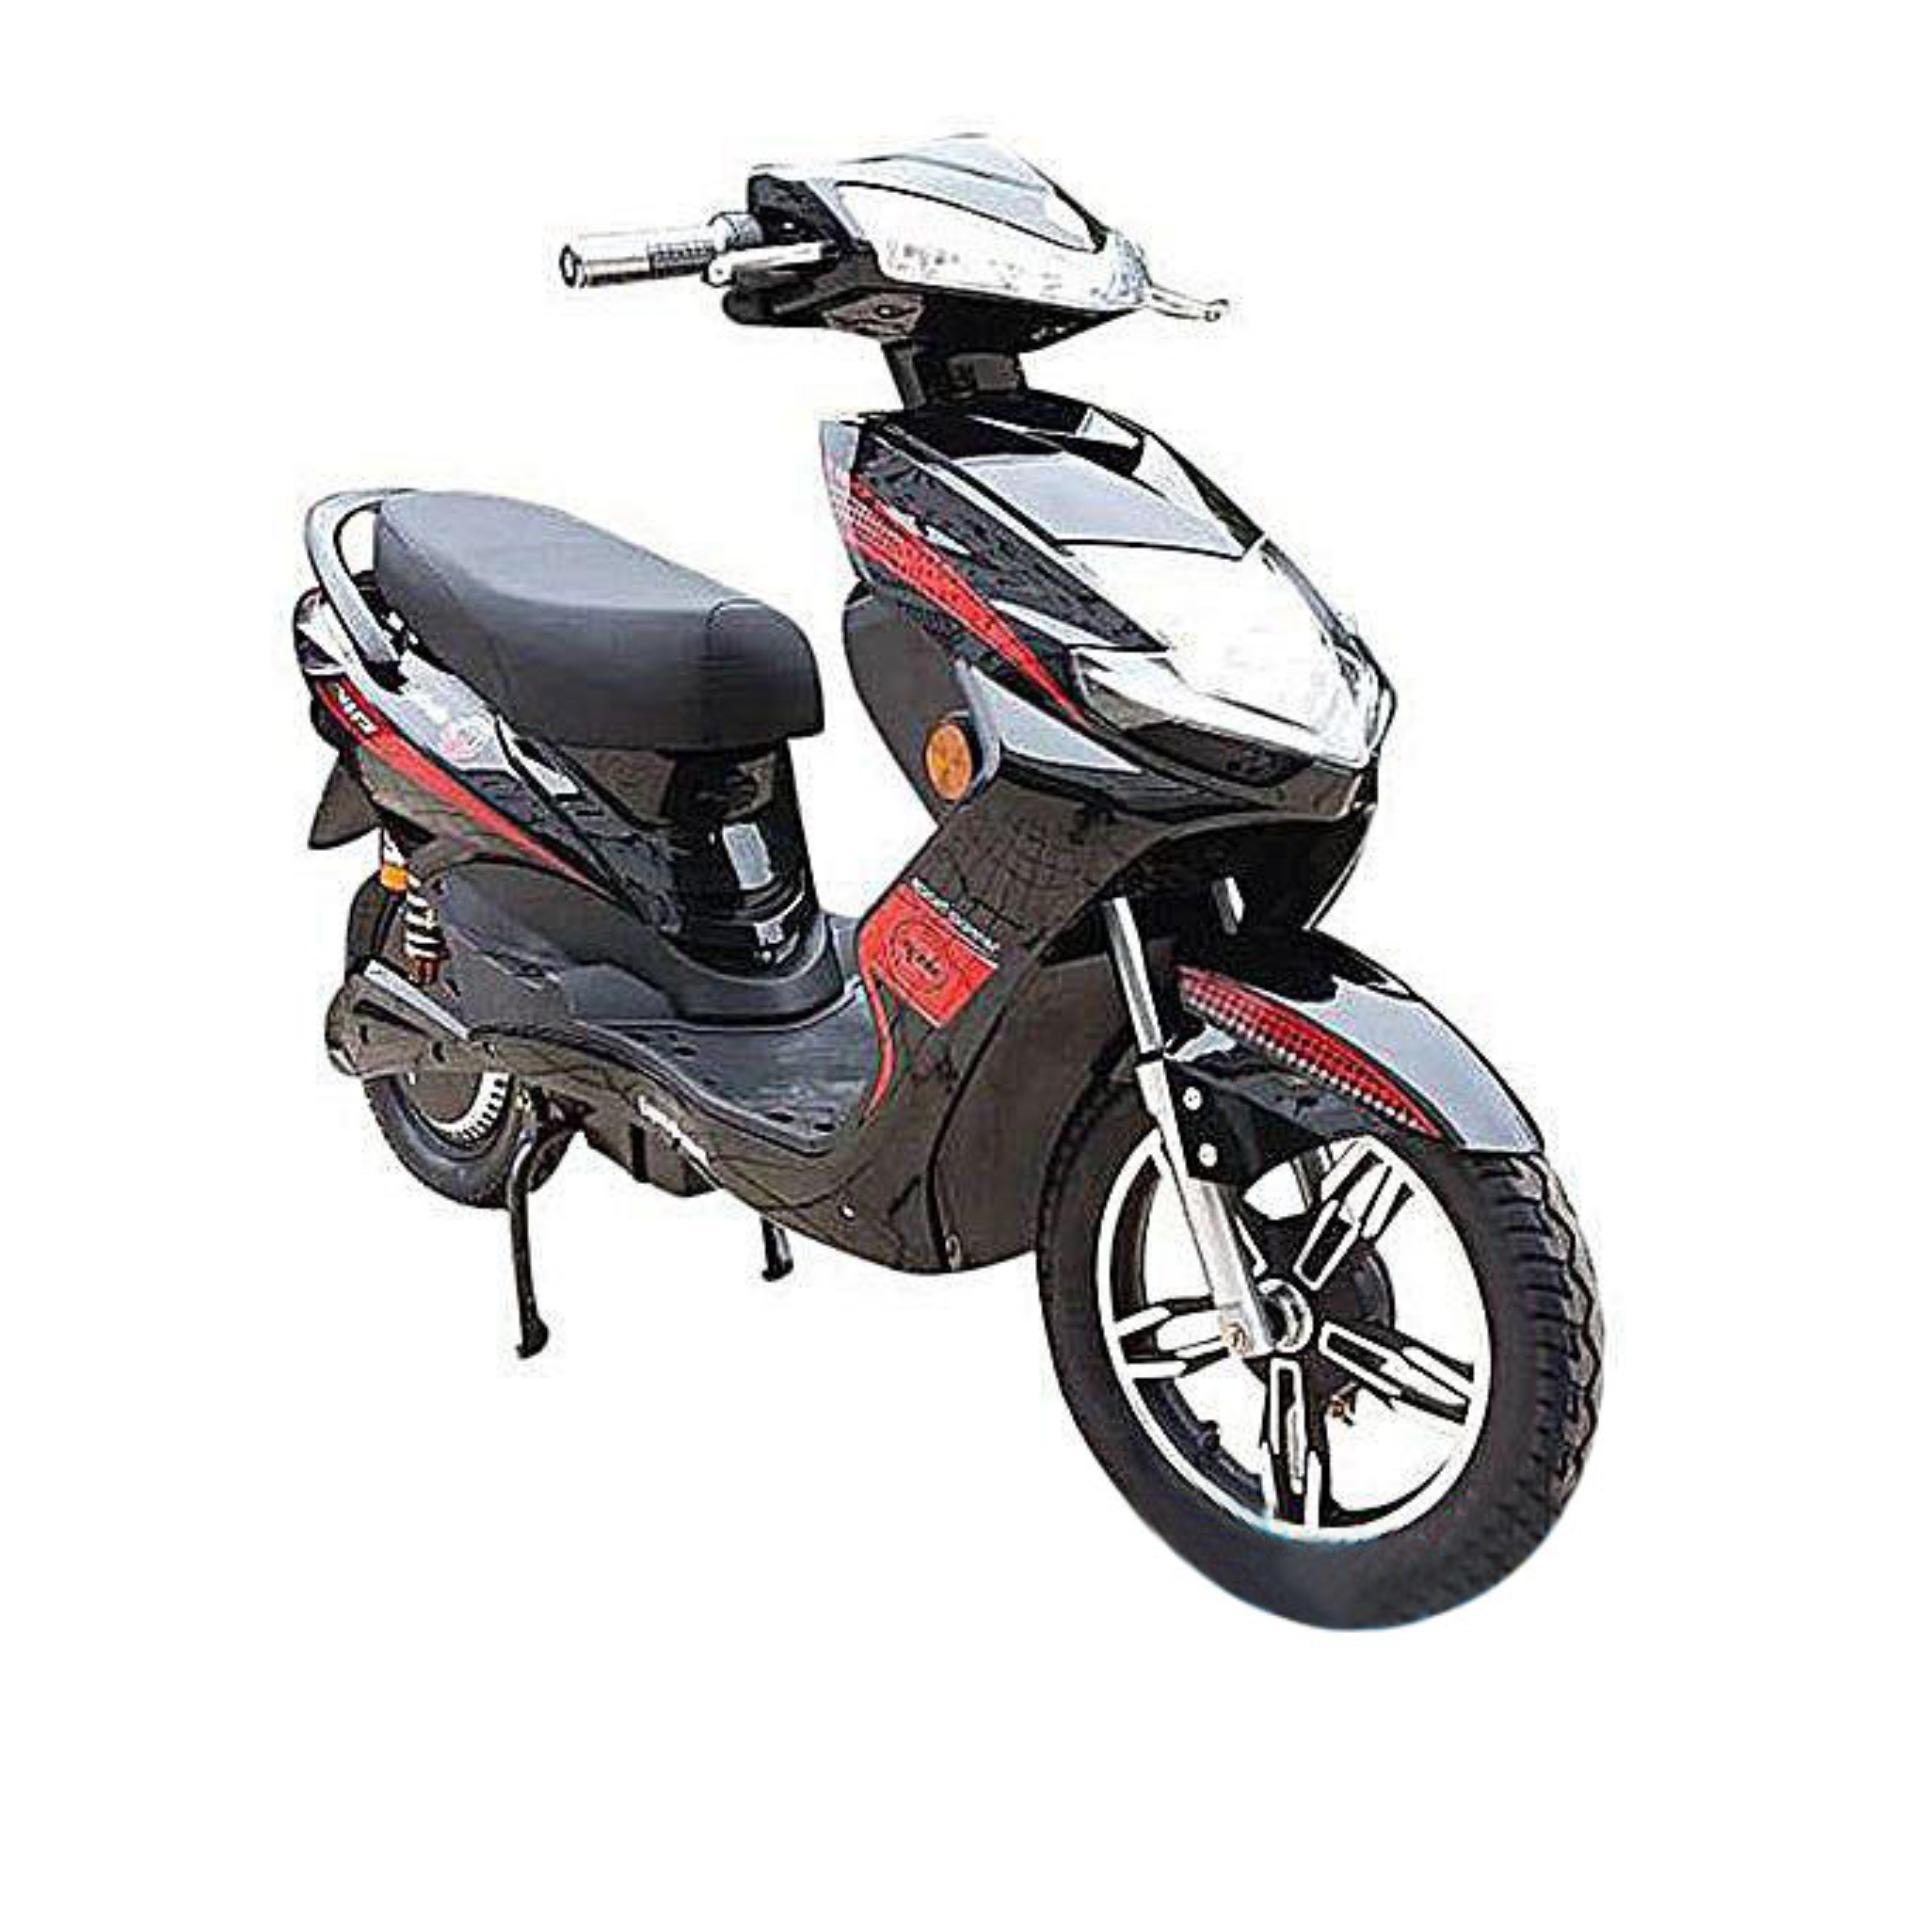 1fe12be9e7c Exploit E Bike Online Shop - Exploit E Bike Store - Daraz.com.bd